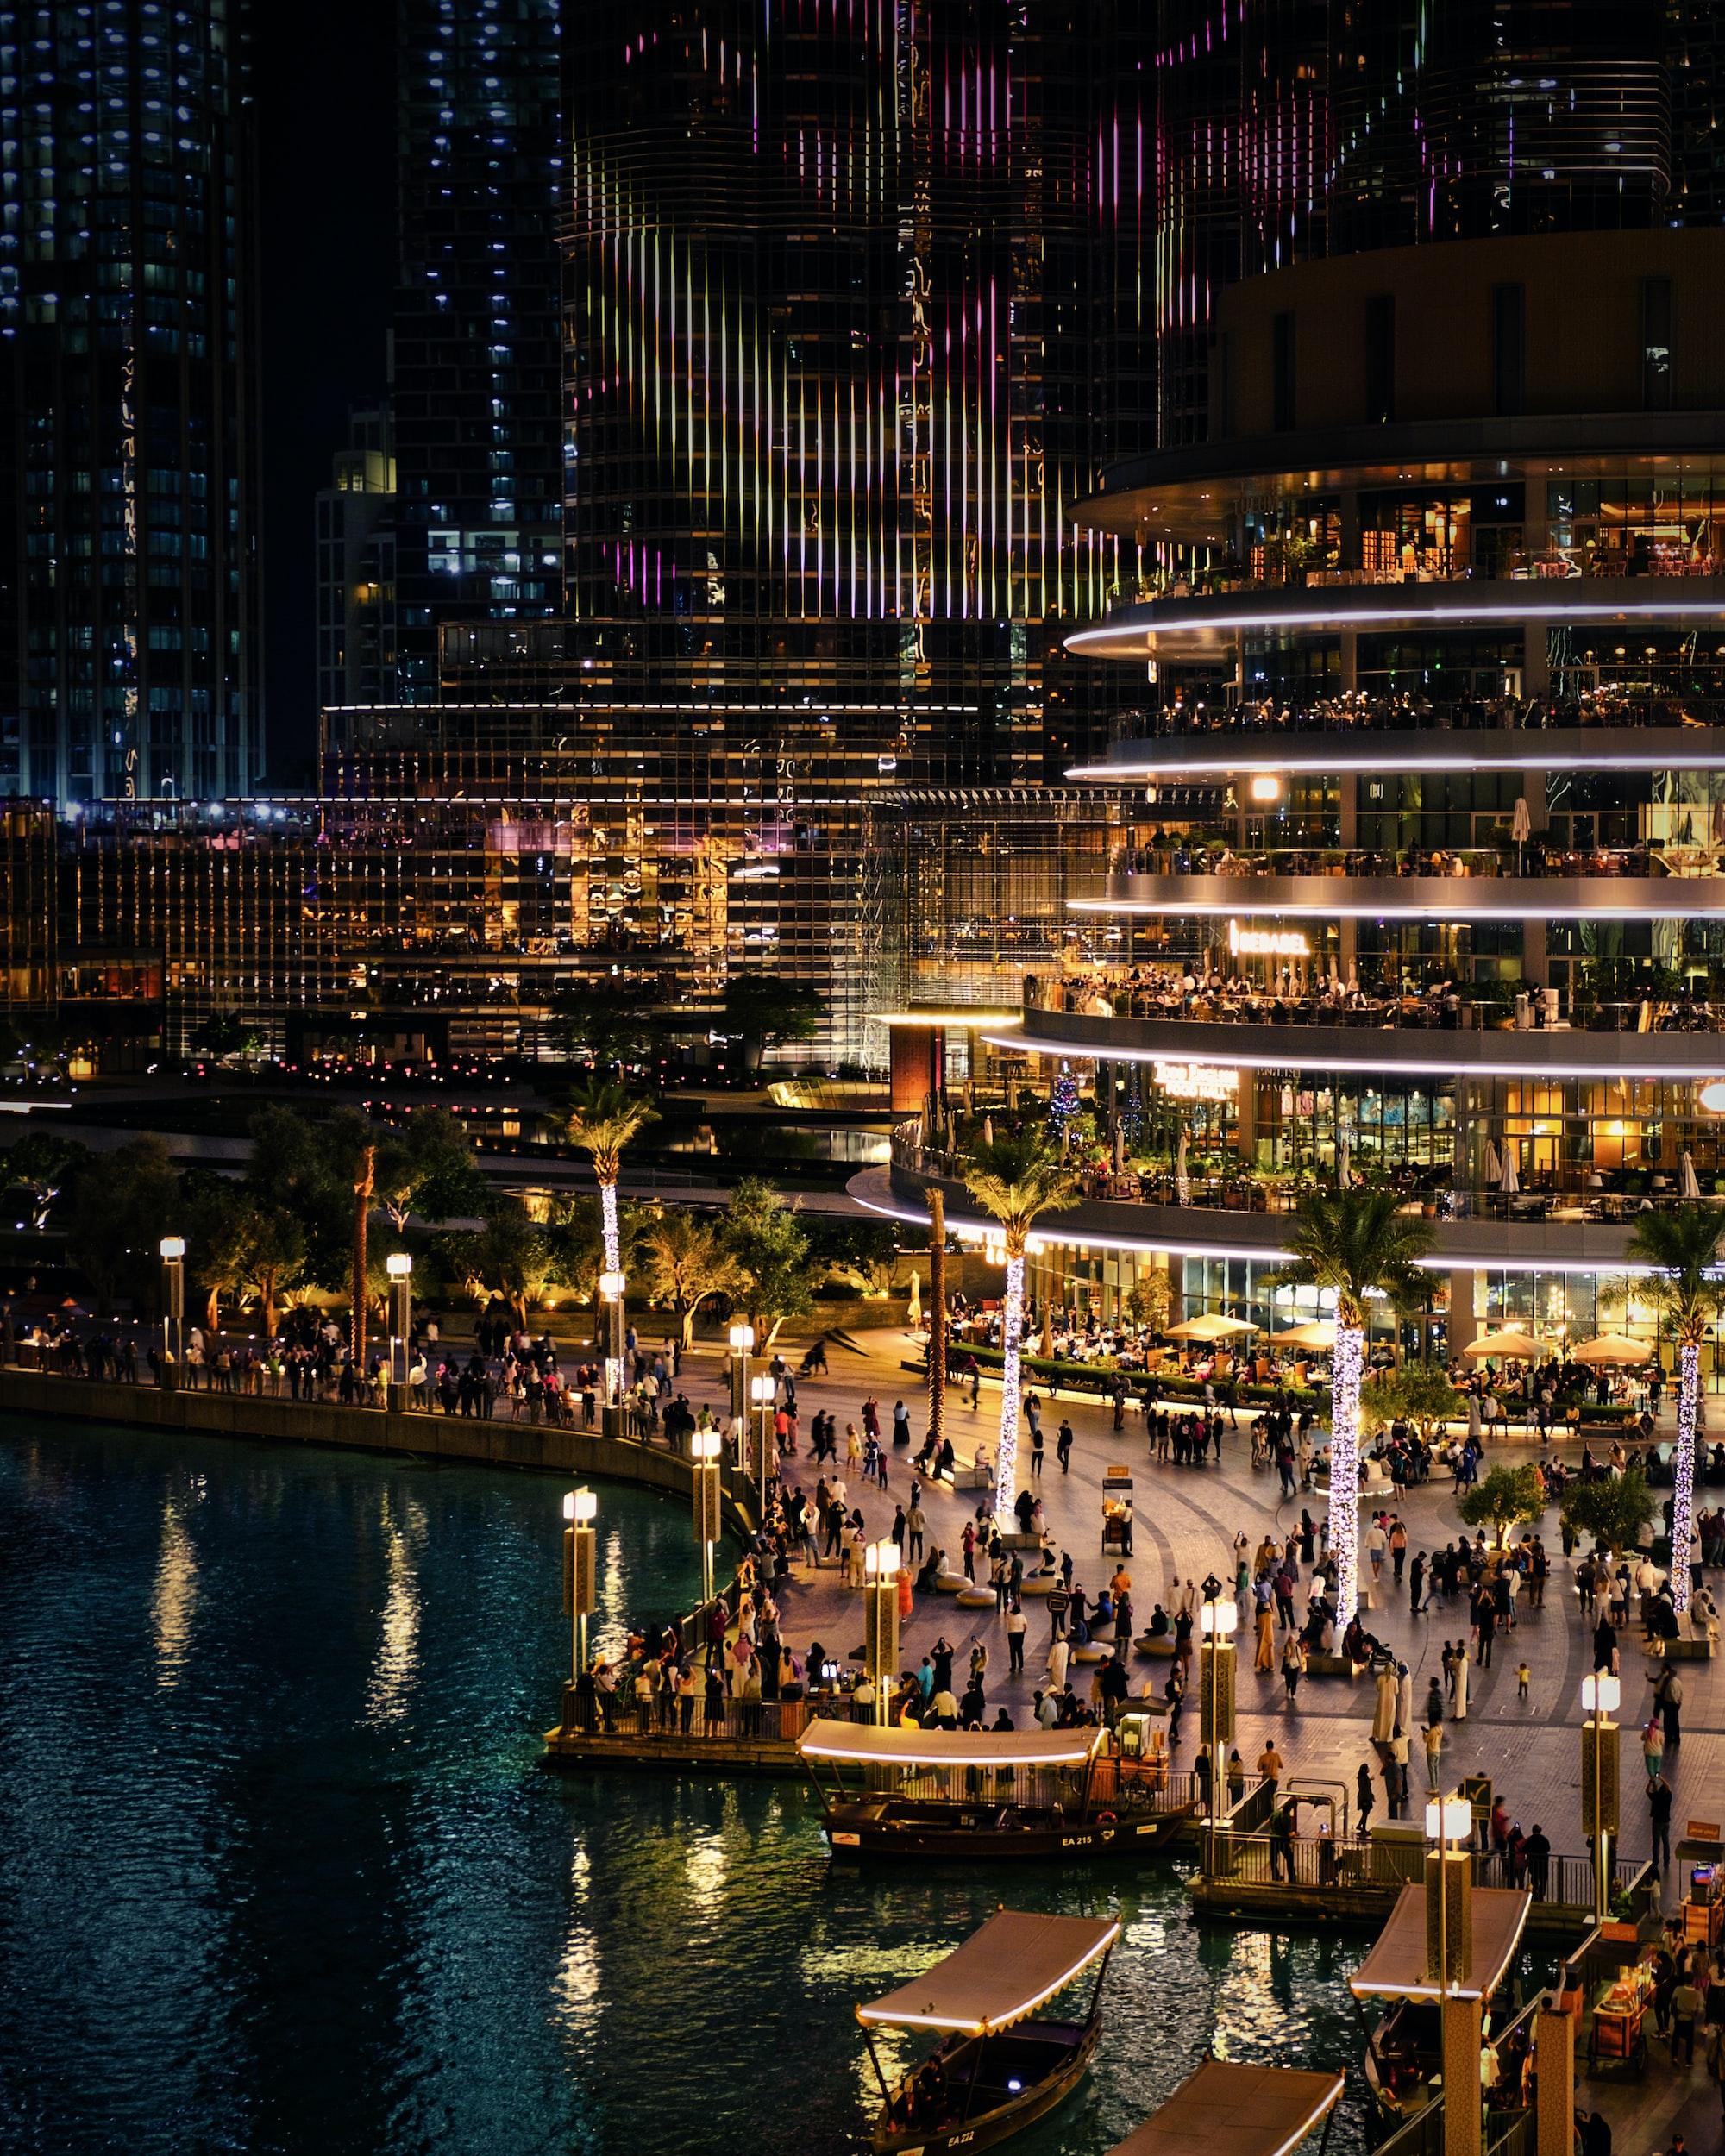 In front of Dubai fountain